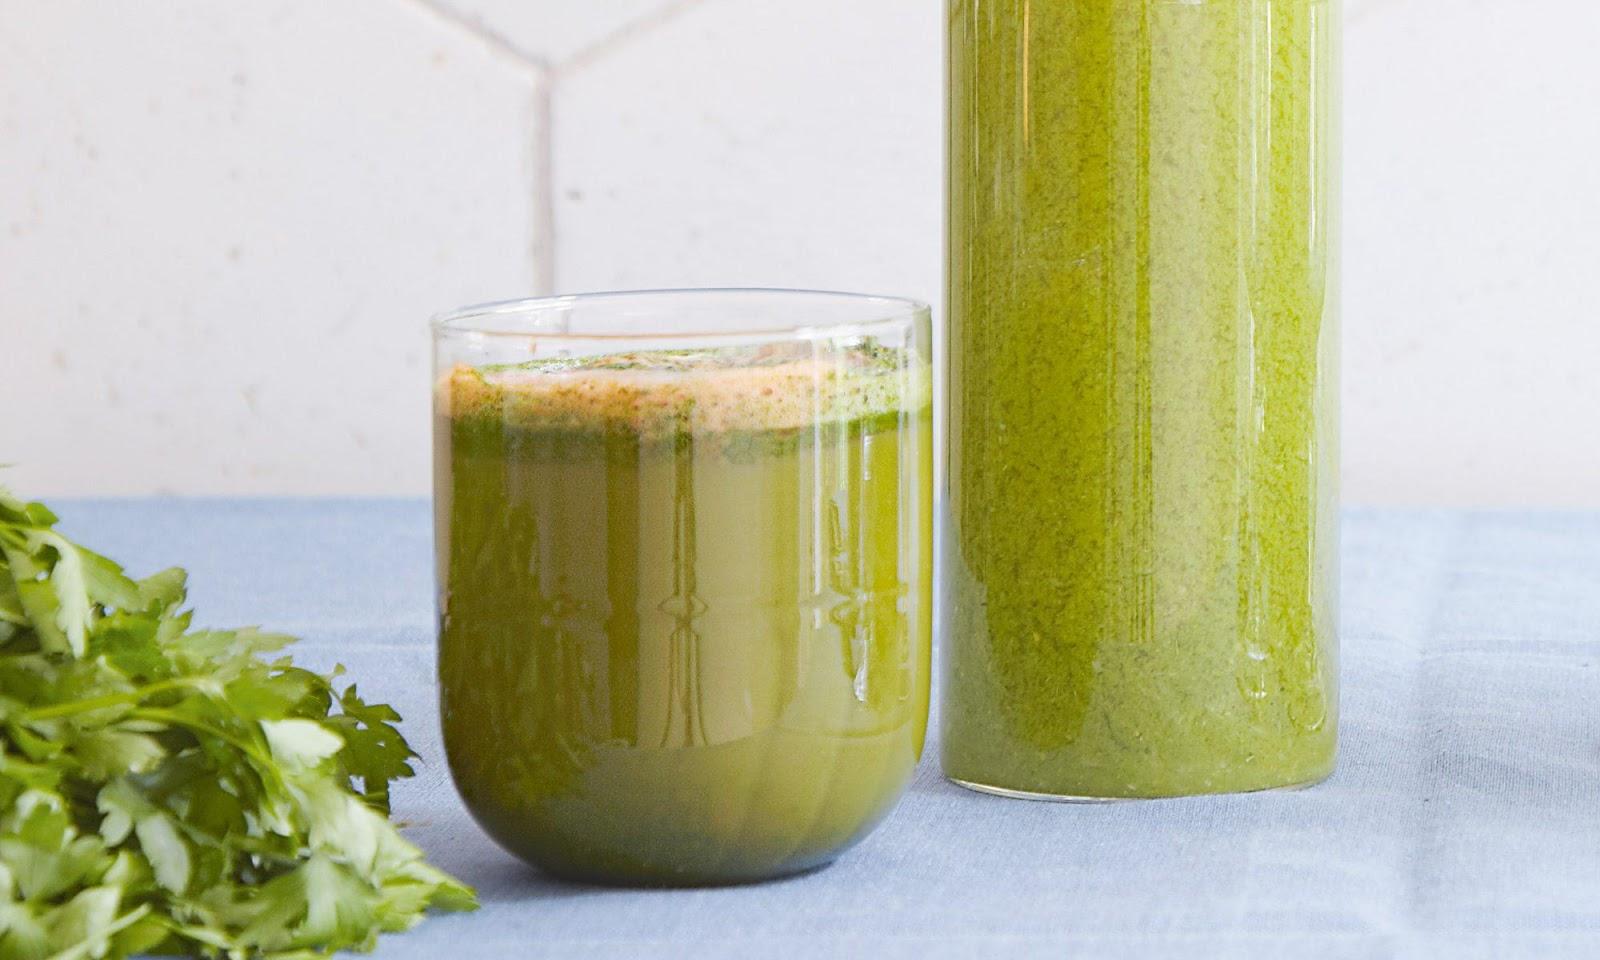 This Green Juice Has More Vitamin C Than Orange Juice Recipe | MyRecipes